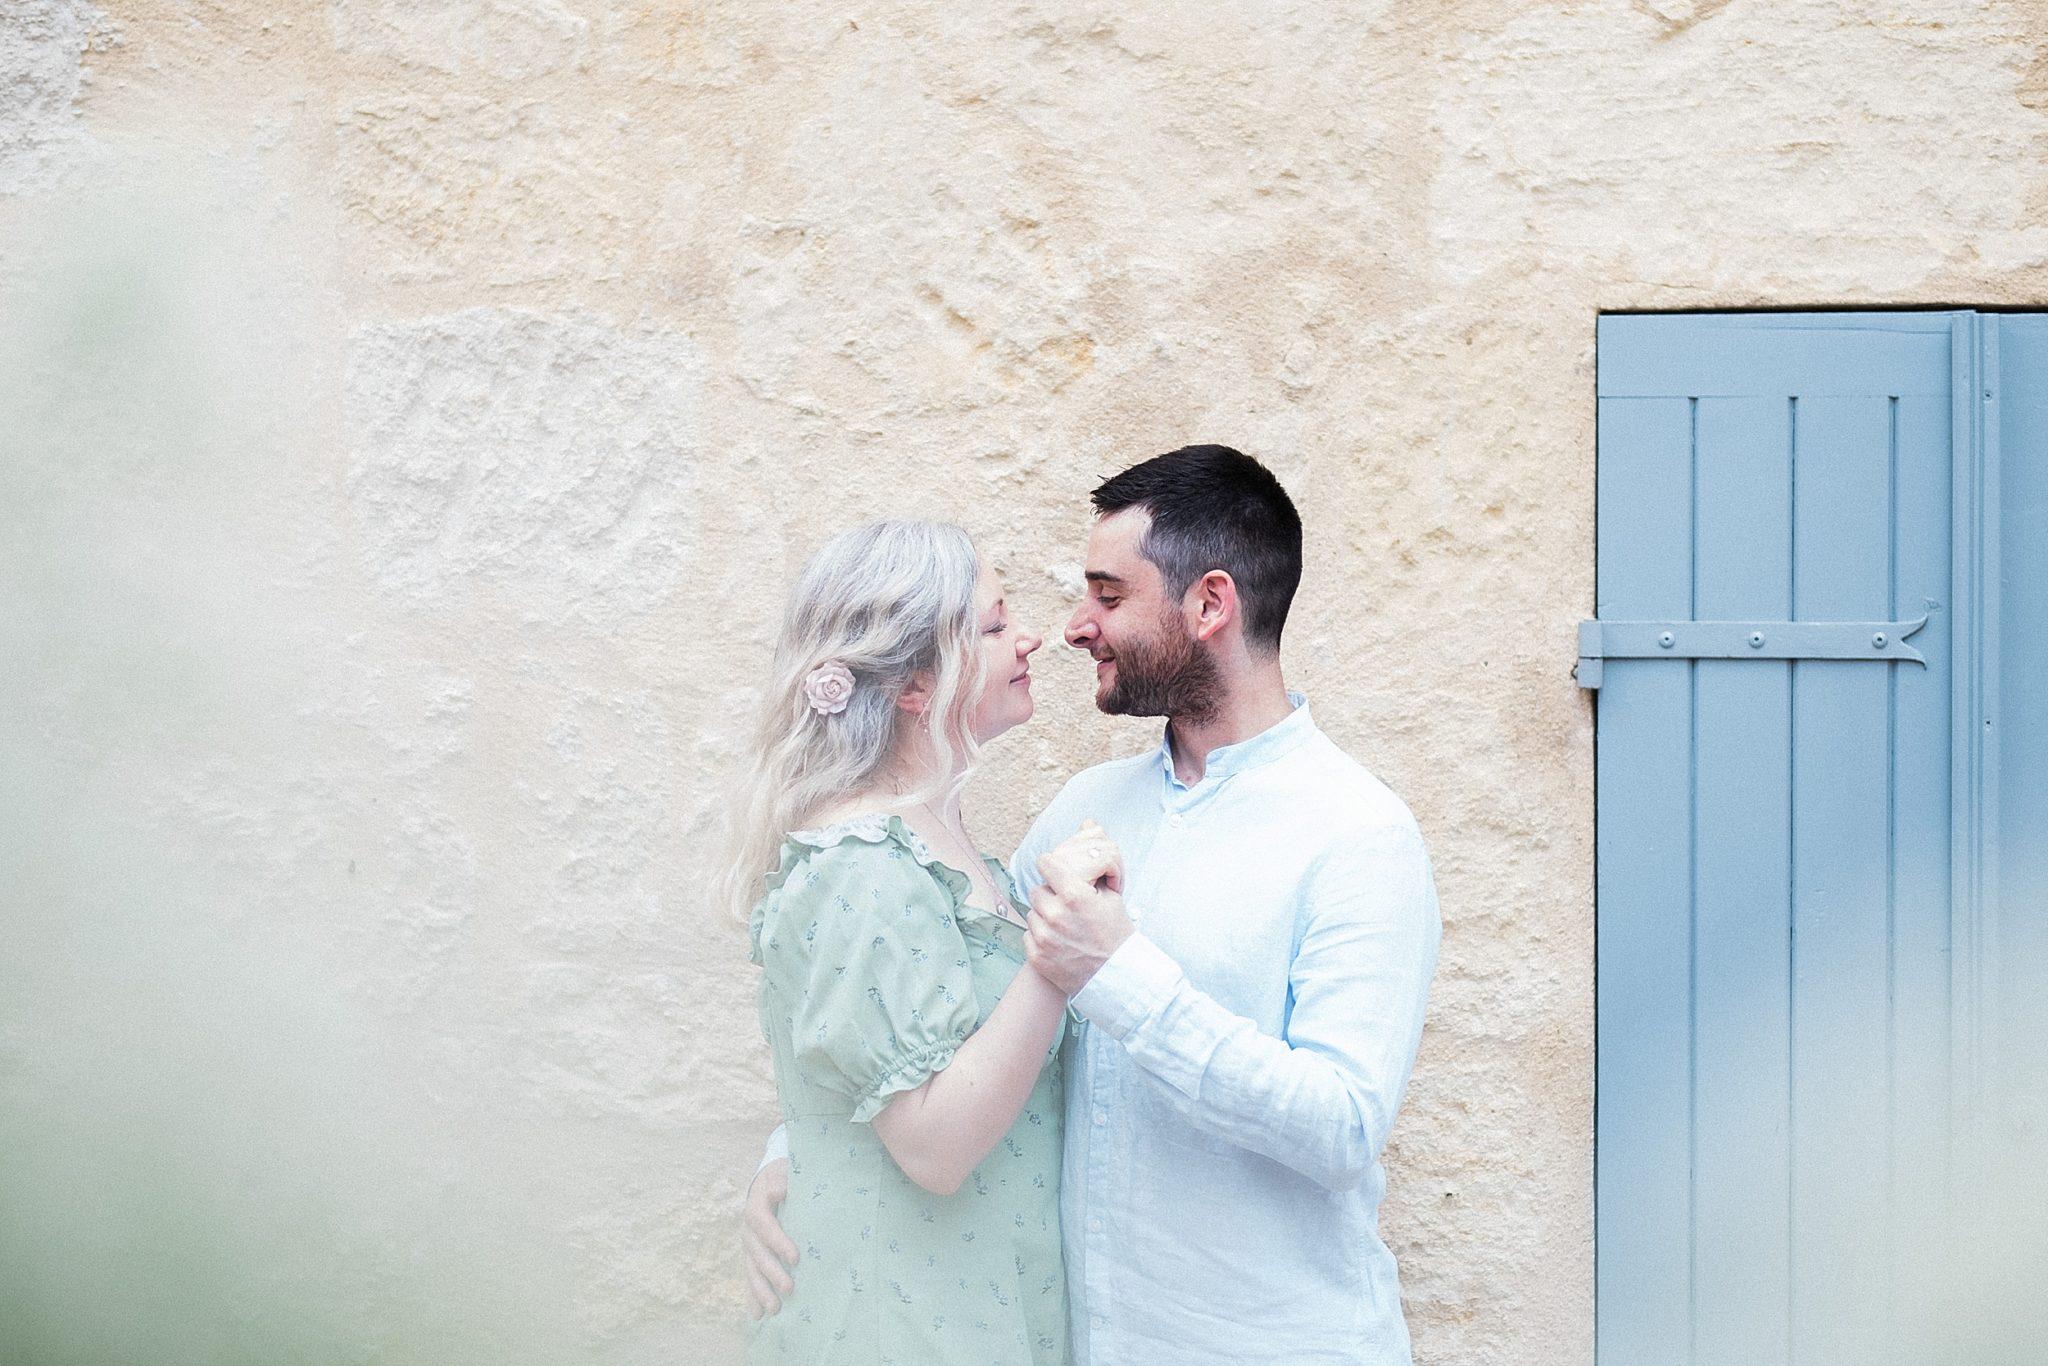 seance engagement avec un photographe professionel d'engagement a saint emilion proche de bordeaux